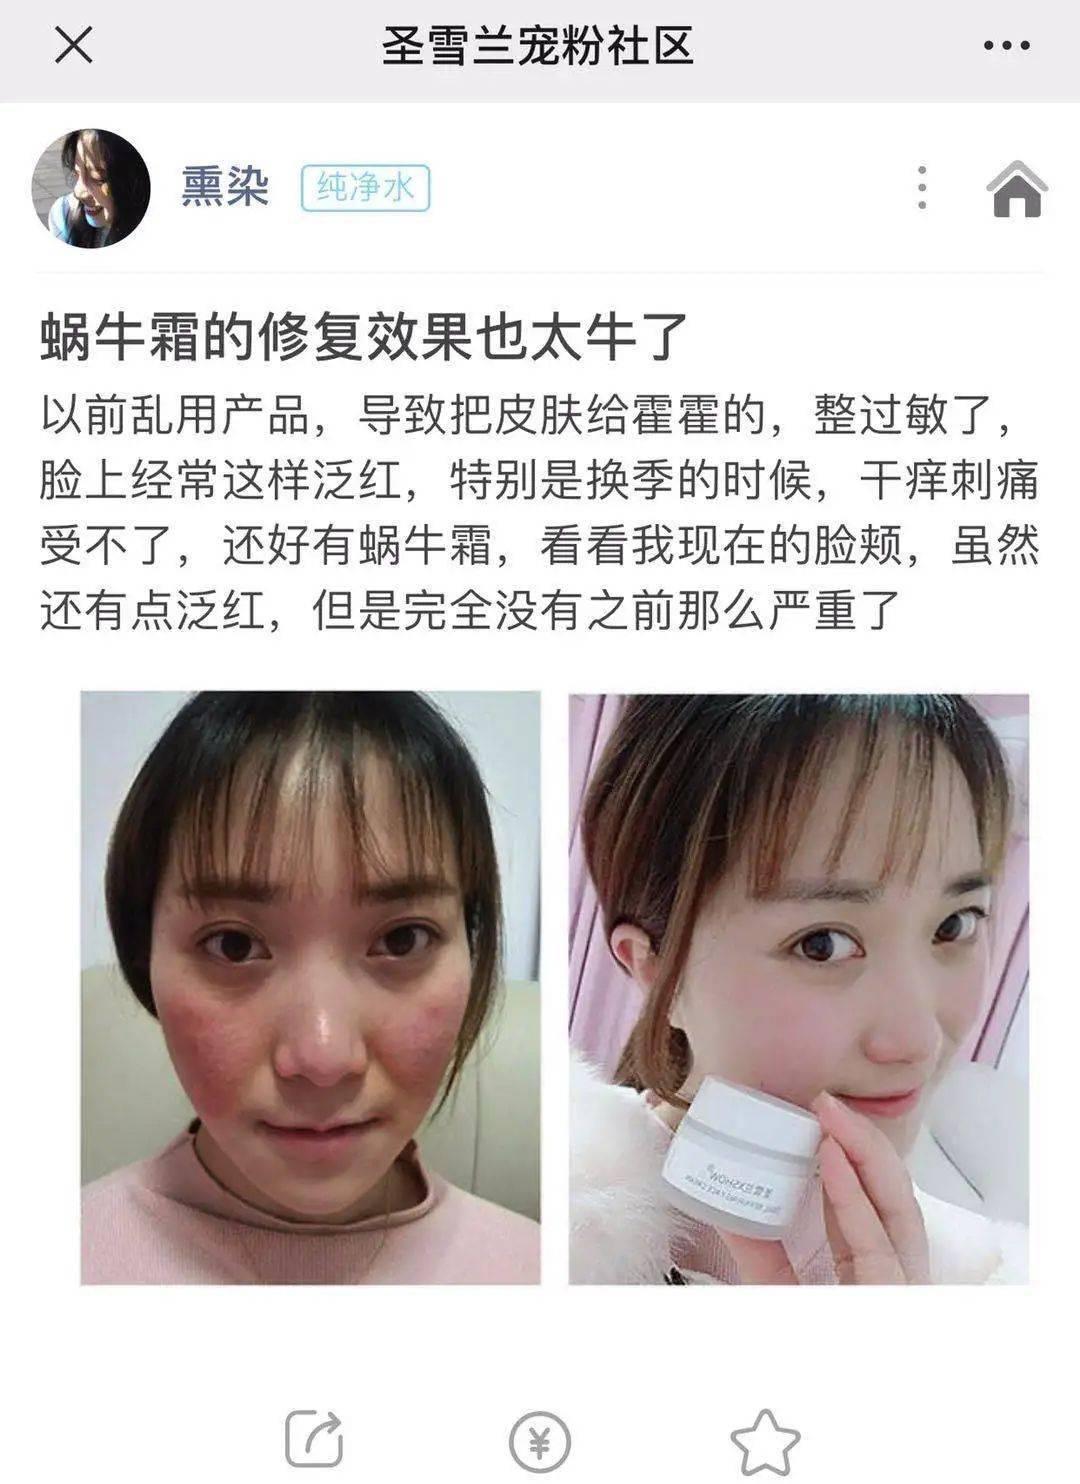 """圈粉半个娱乐圈!获奖无数的修复霜,99元锁住18岁""""初恋脸"""""""